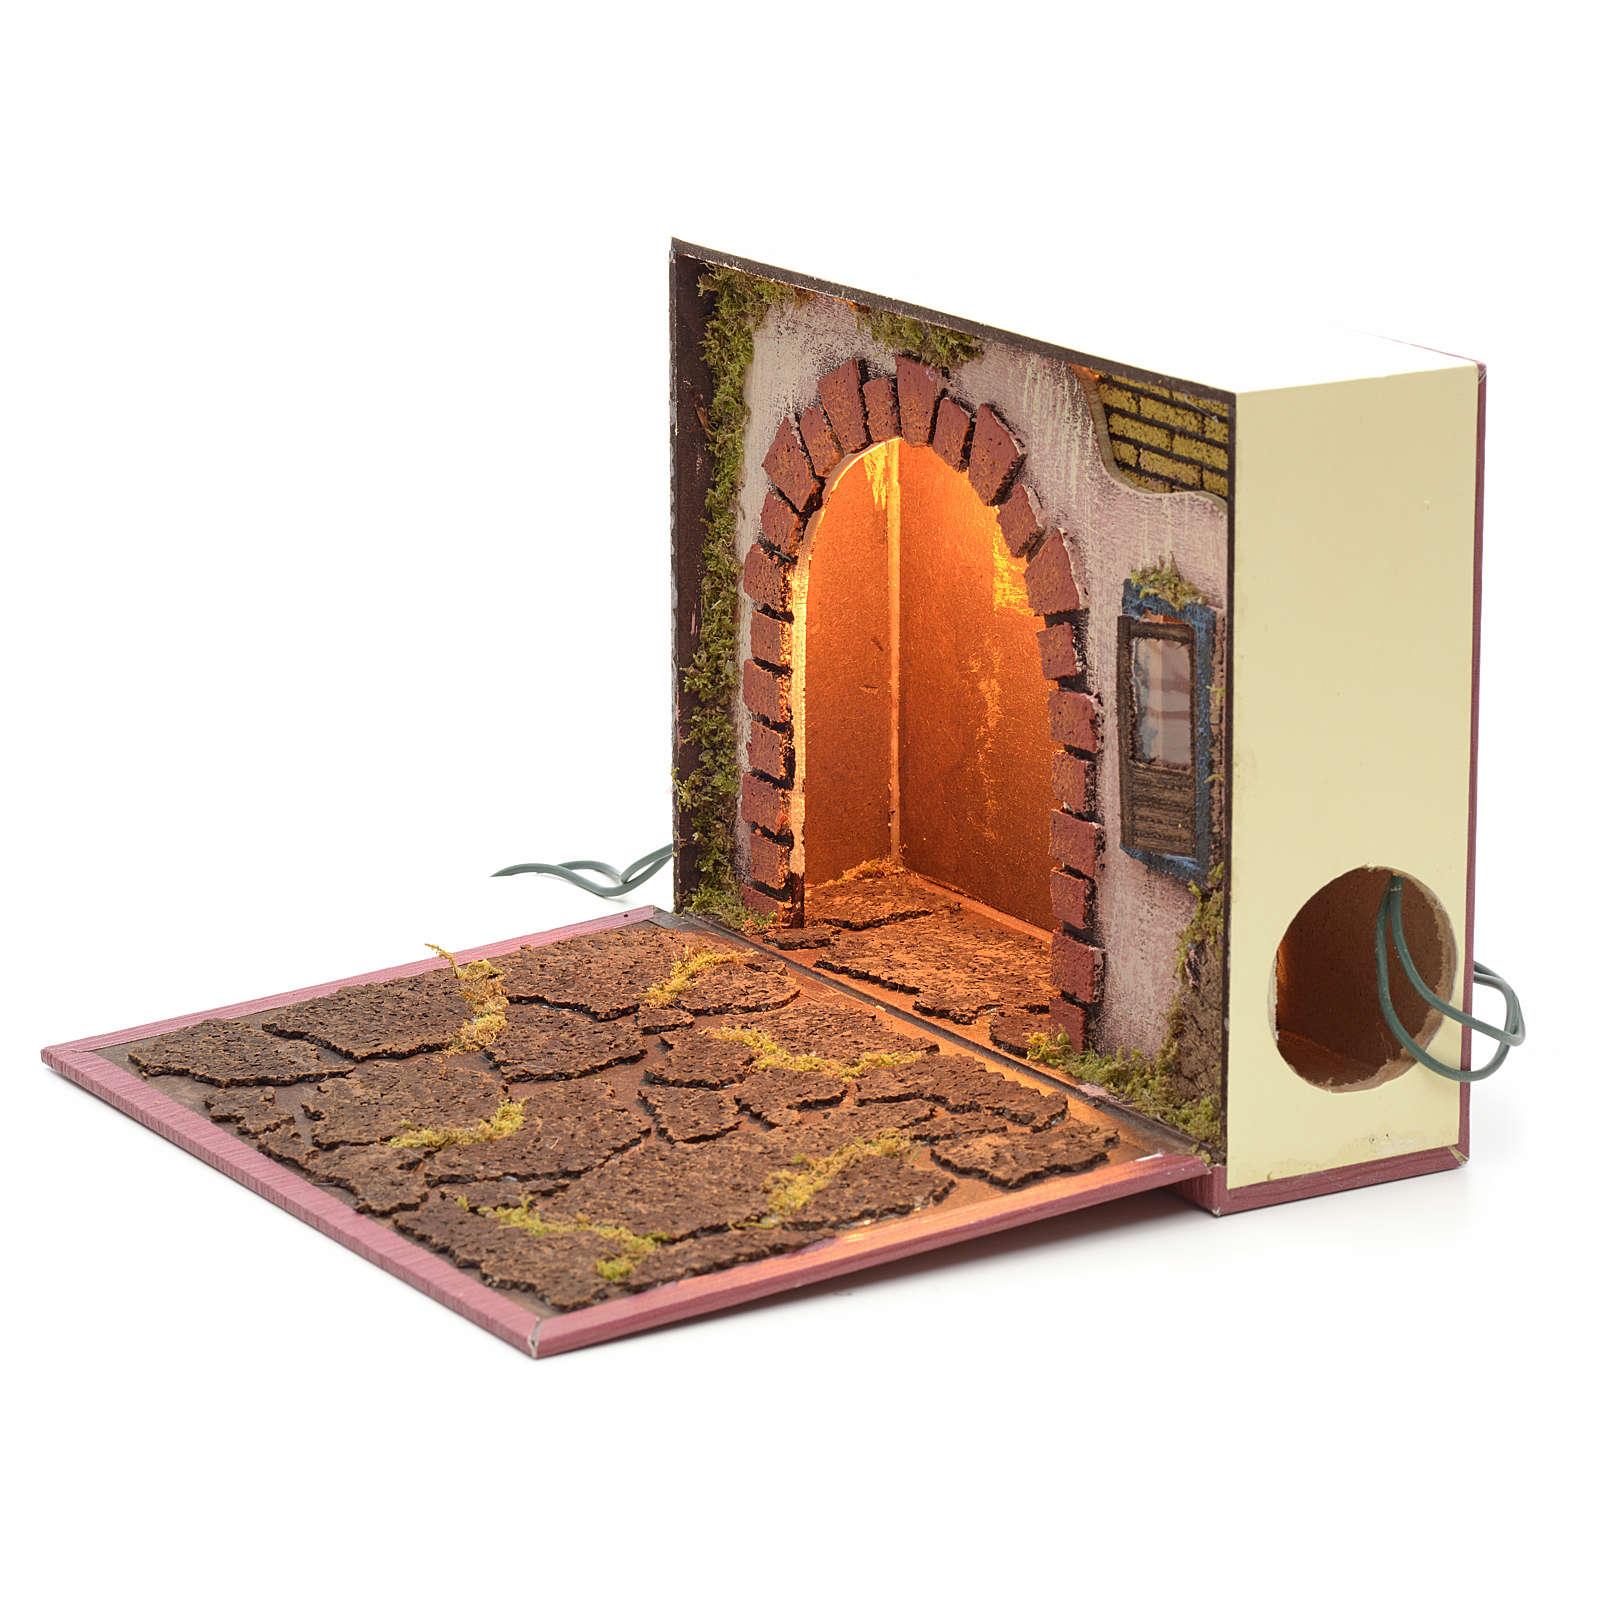 Arco illuminato per presepe in libro 19x24x8 cm 4